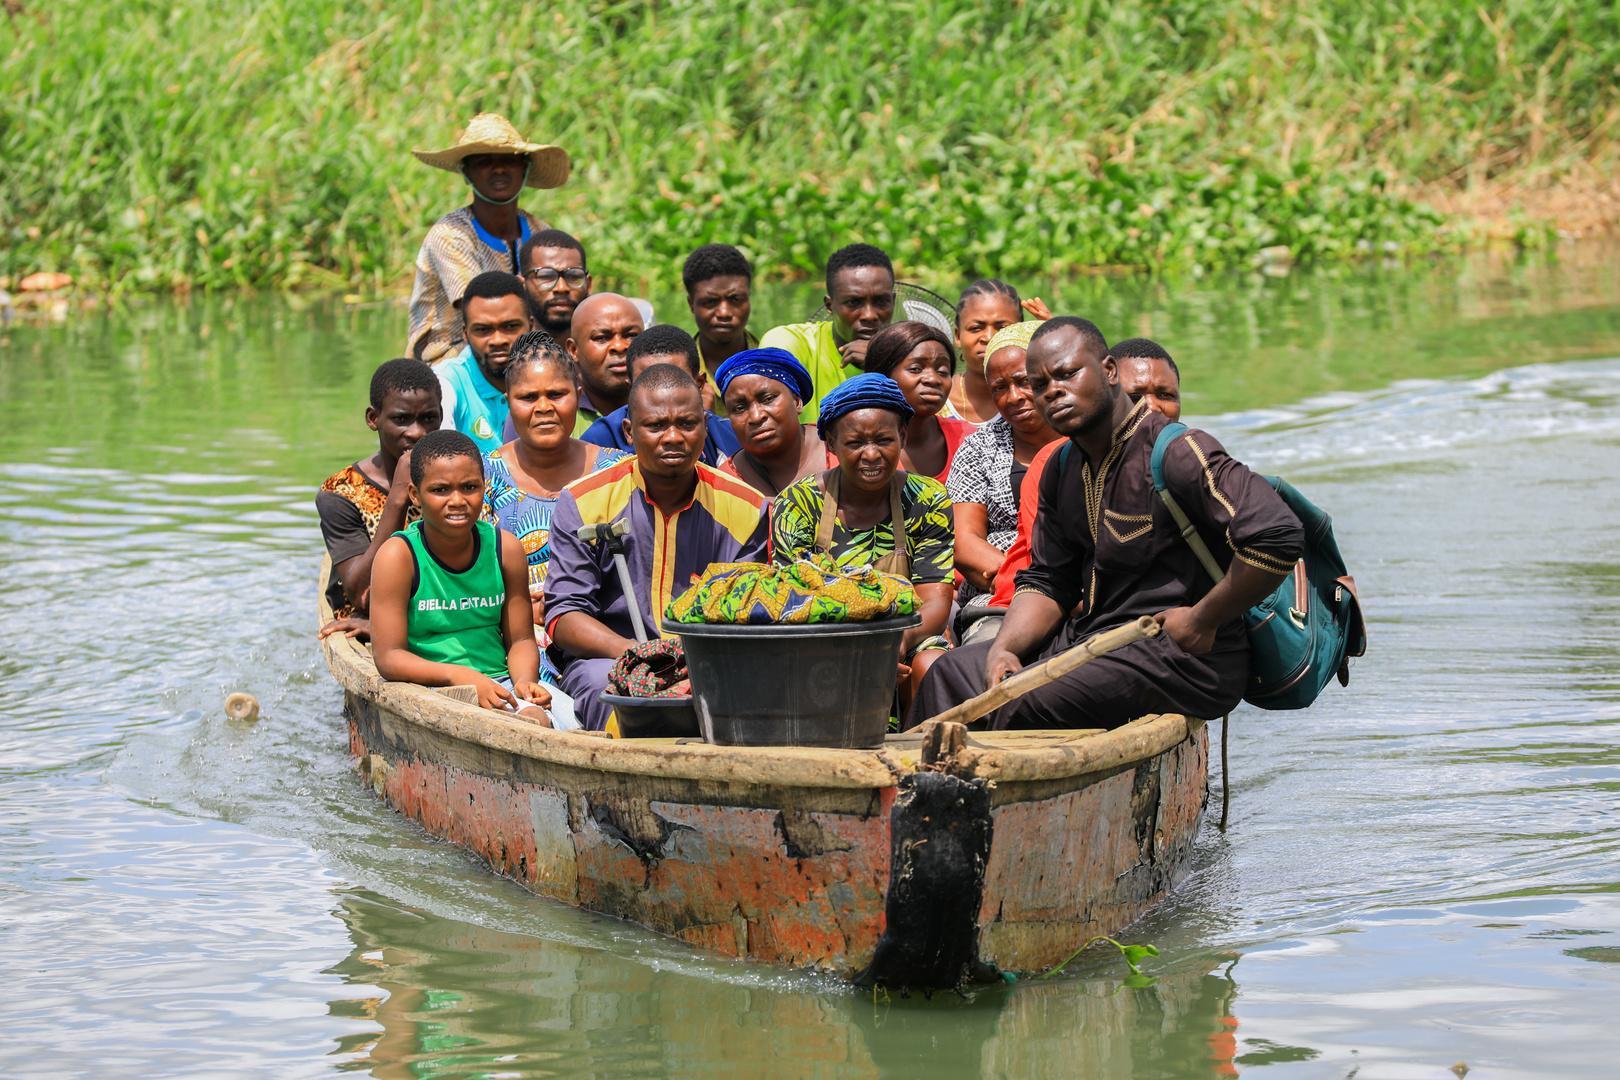 مصرع 18 شخصا جراء انقلاب قارب في نيجيريا